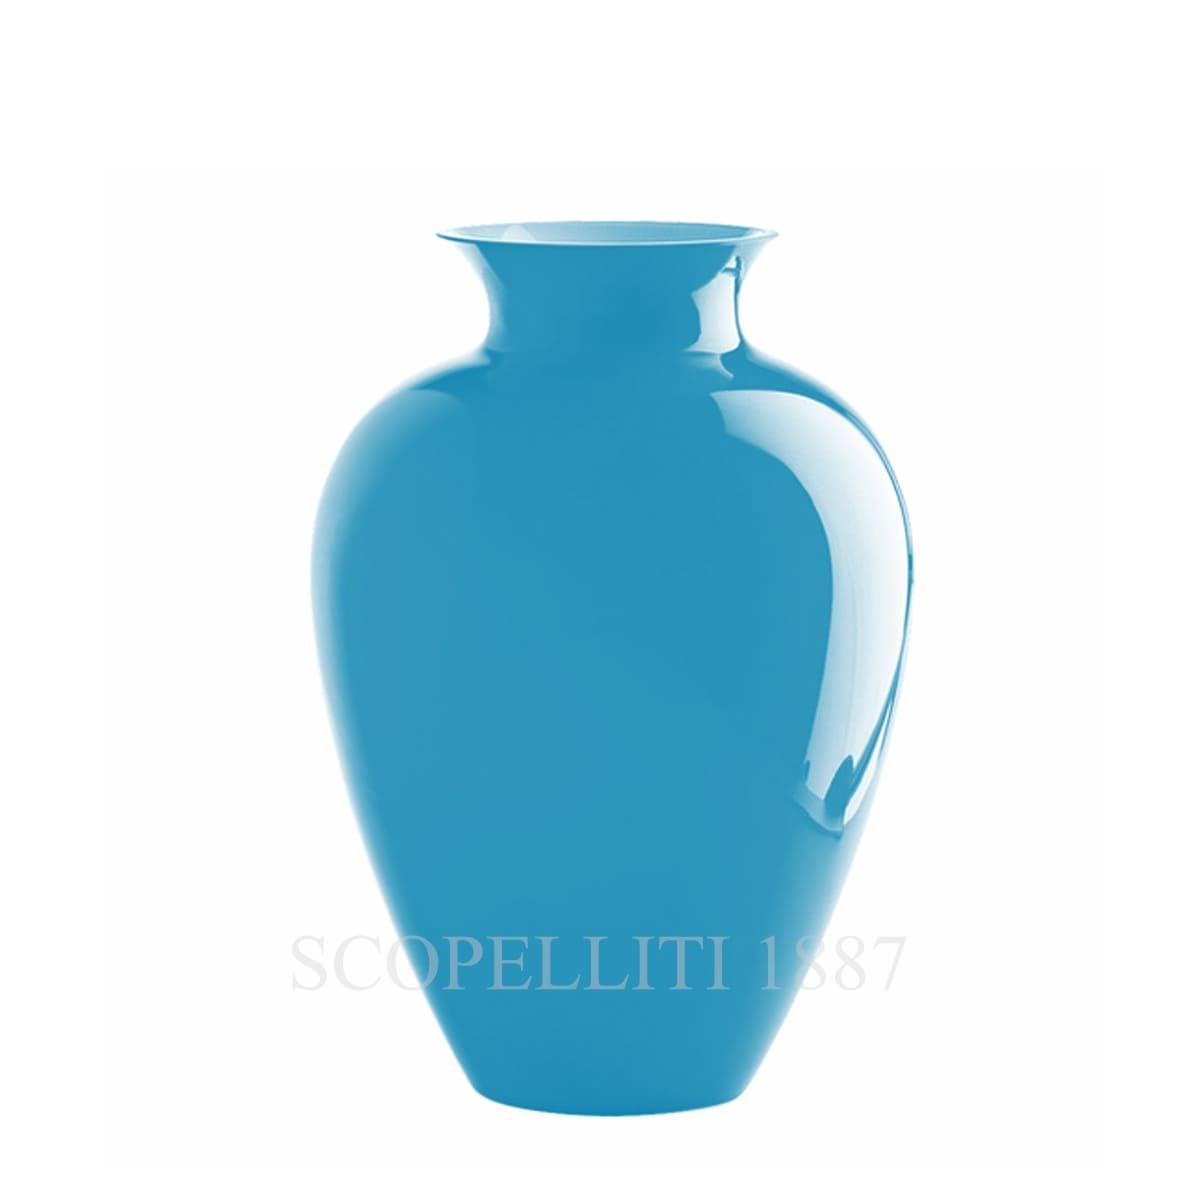 venini labuan italian designer murano glass vase aquamarine